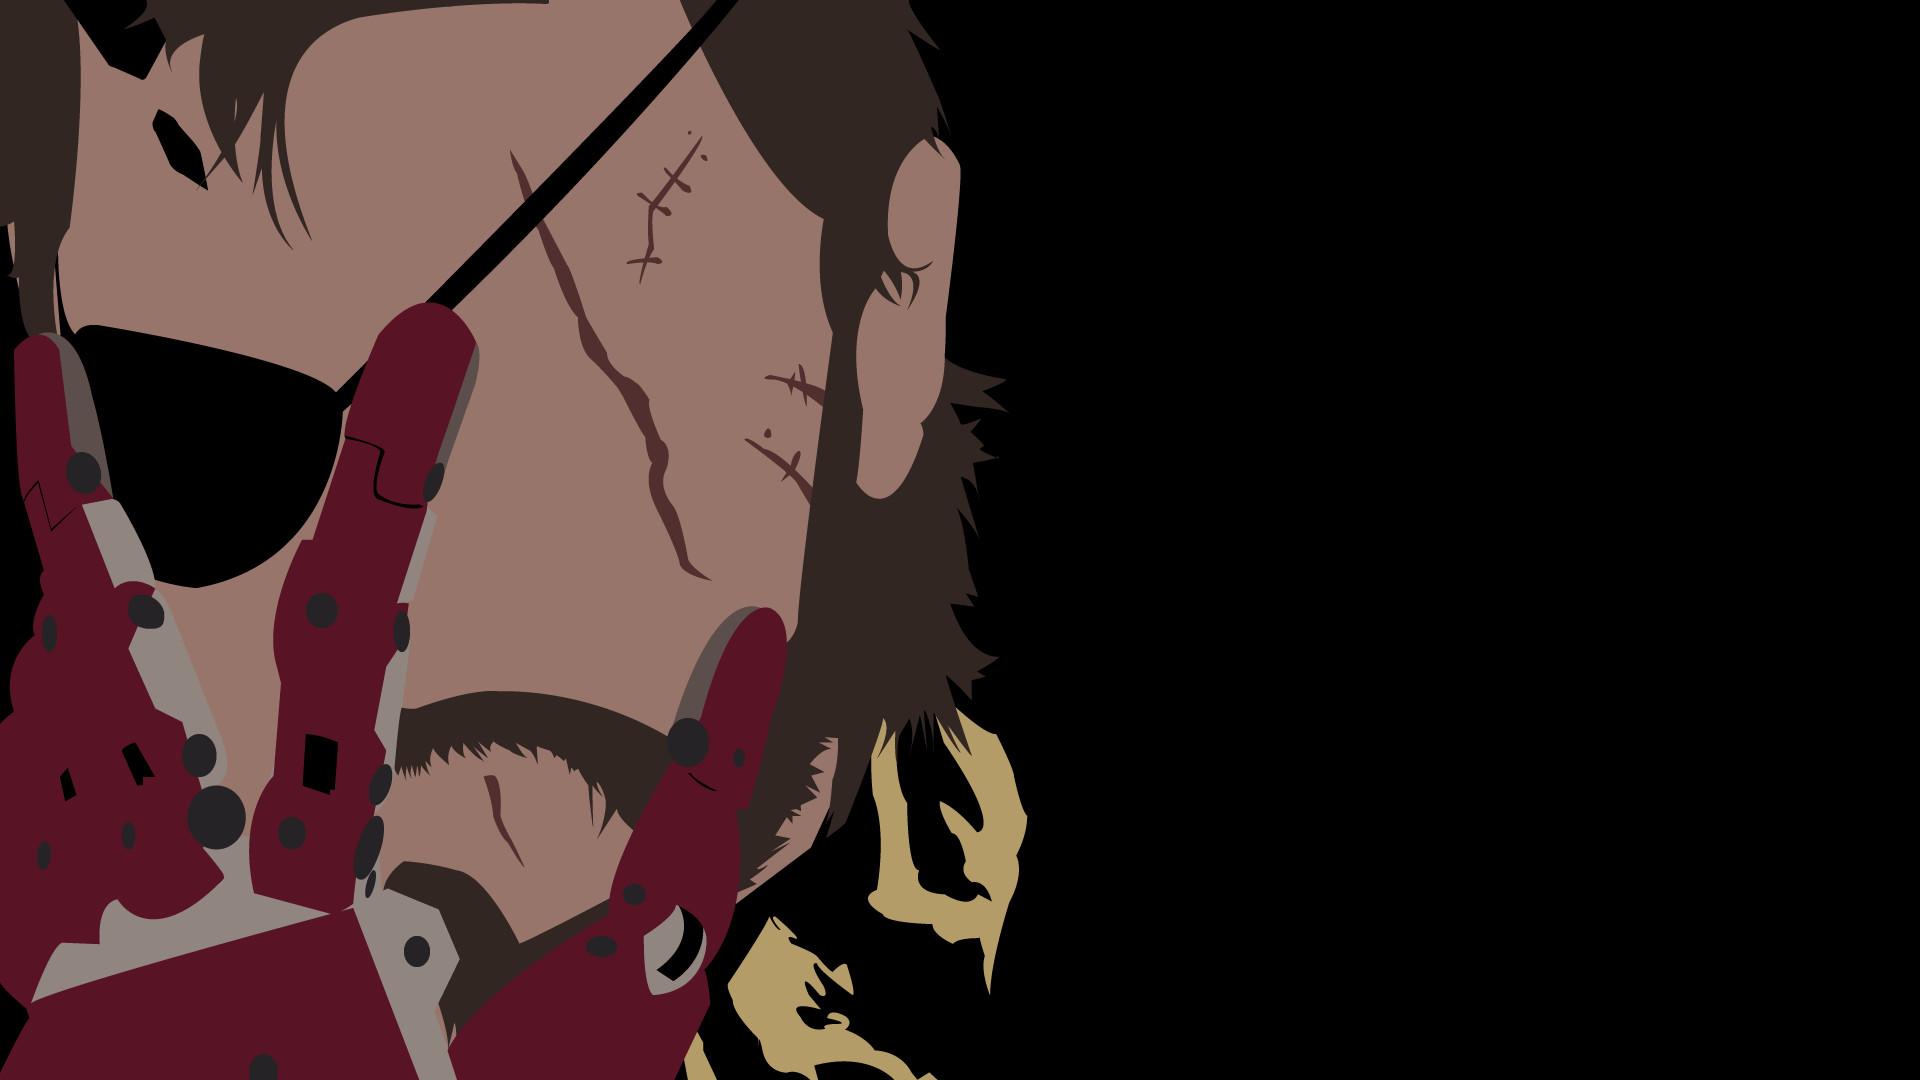 Metal Gear Solid V The Phantom Pain Wallpaper Metal Gear Solid V